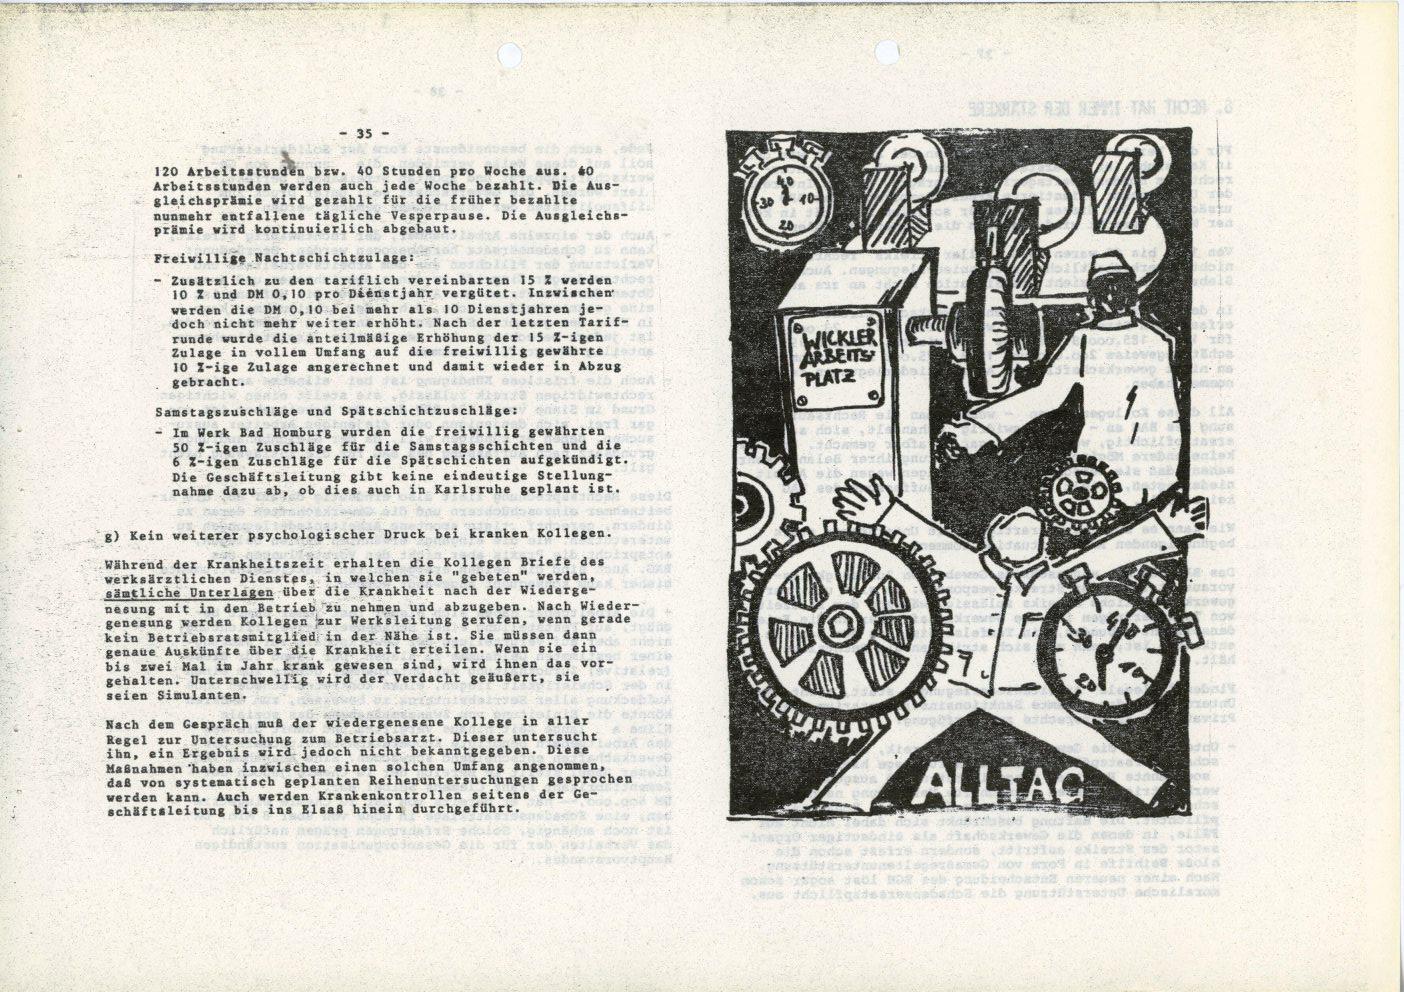 Karlsruhe_Michelin_IGCPK_Doku_zum_Arbeitskonflikt_1978_18